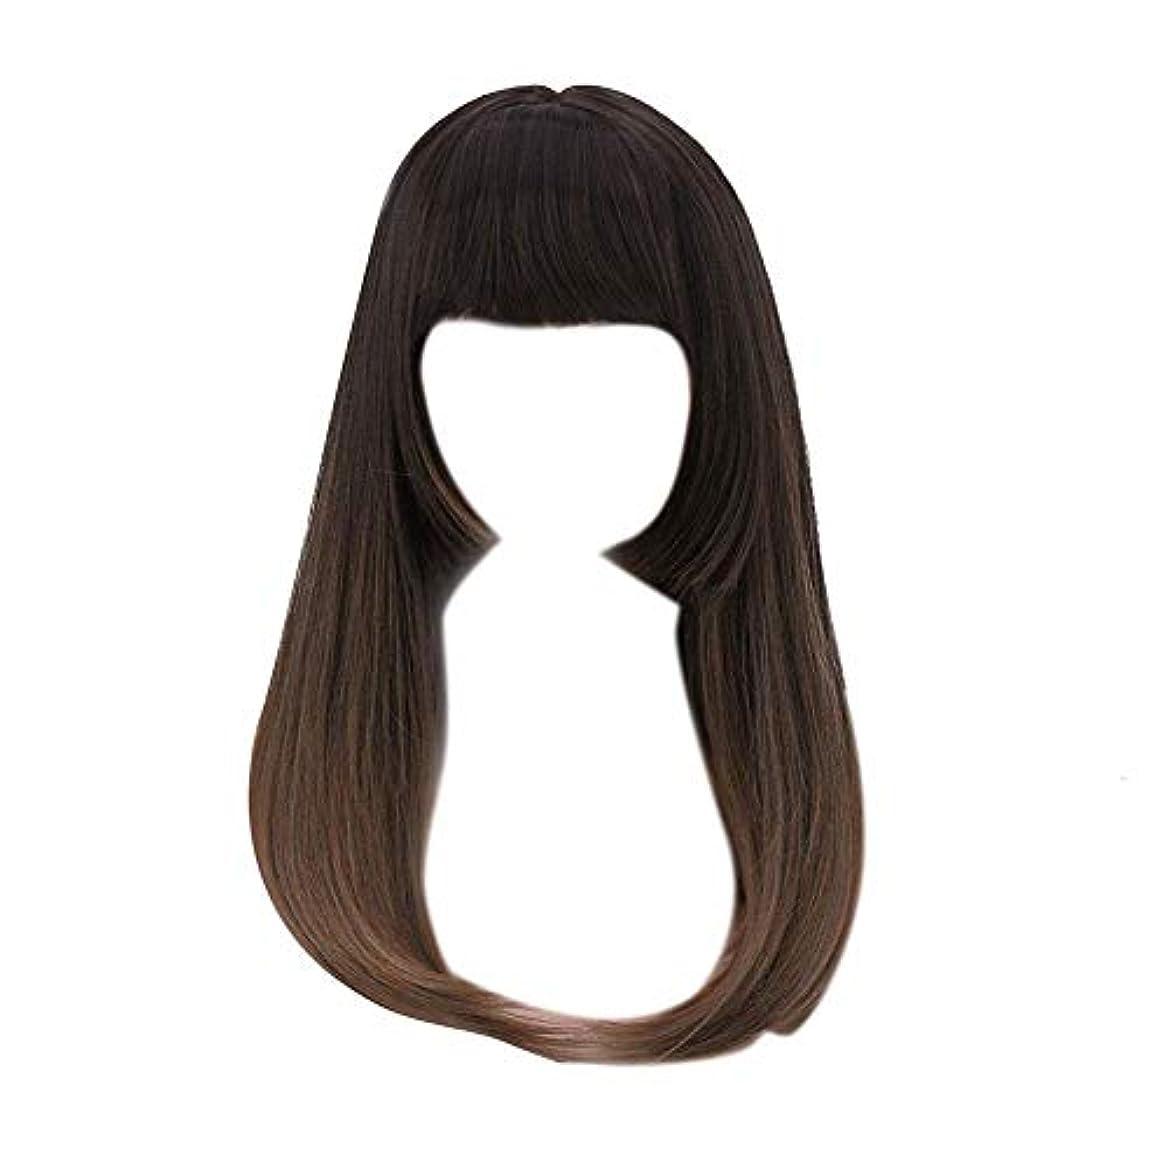 突き刺す方程式スロットSILUN ウィッグ ロング セミロング レディース かつら フルウィッグ 軽量 自然 フリーサイズ ロング ヘアー 長い髪